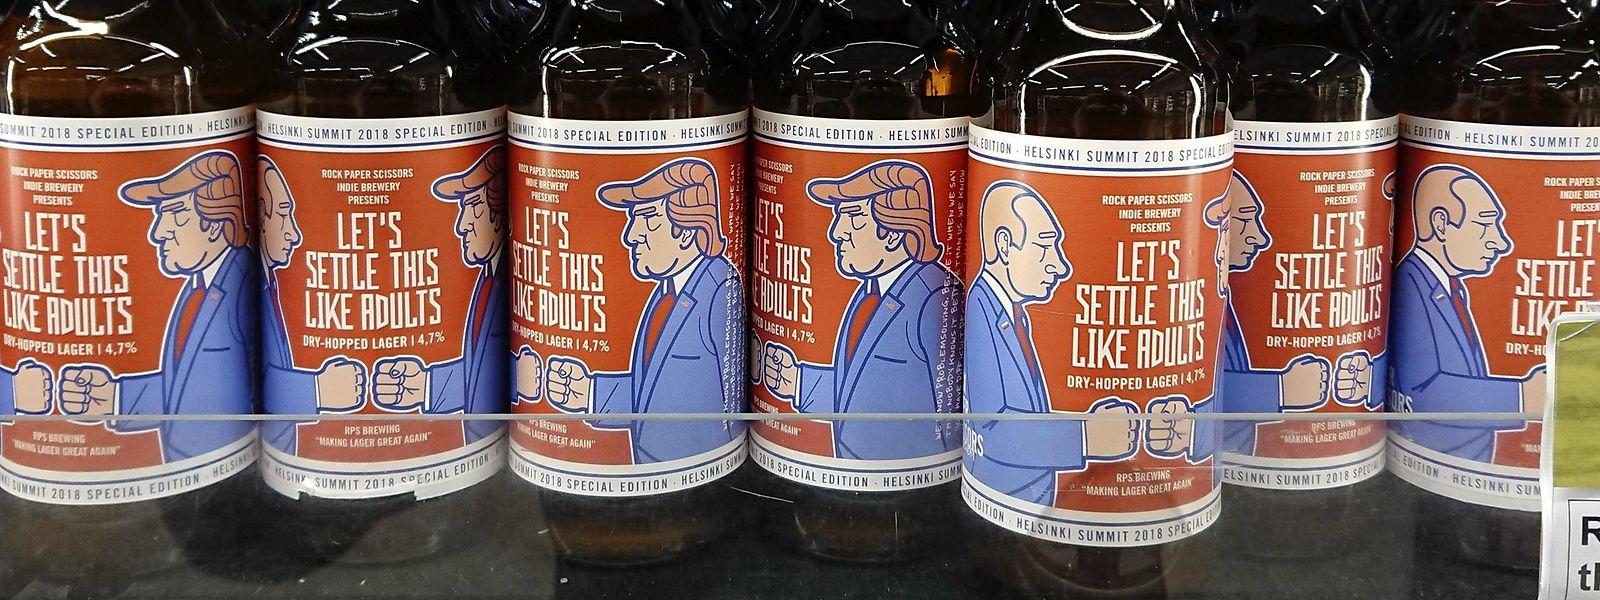 """""""Let's Settle this like adults"""" steht auf dem Label des Lagers. Die Präsidenten zeigen sich aber nicht die Fäuste sondern sie spielen Schnick, Schnack, Schnuck."""